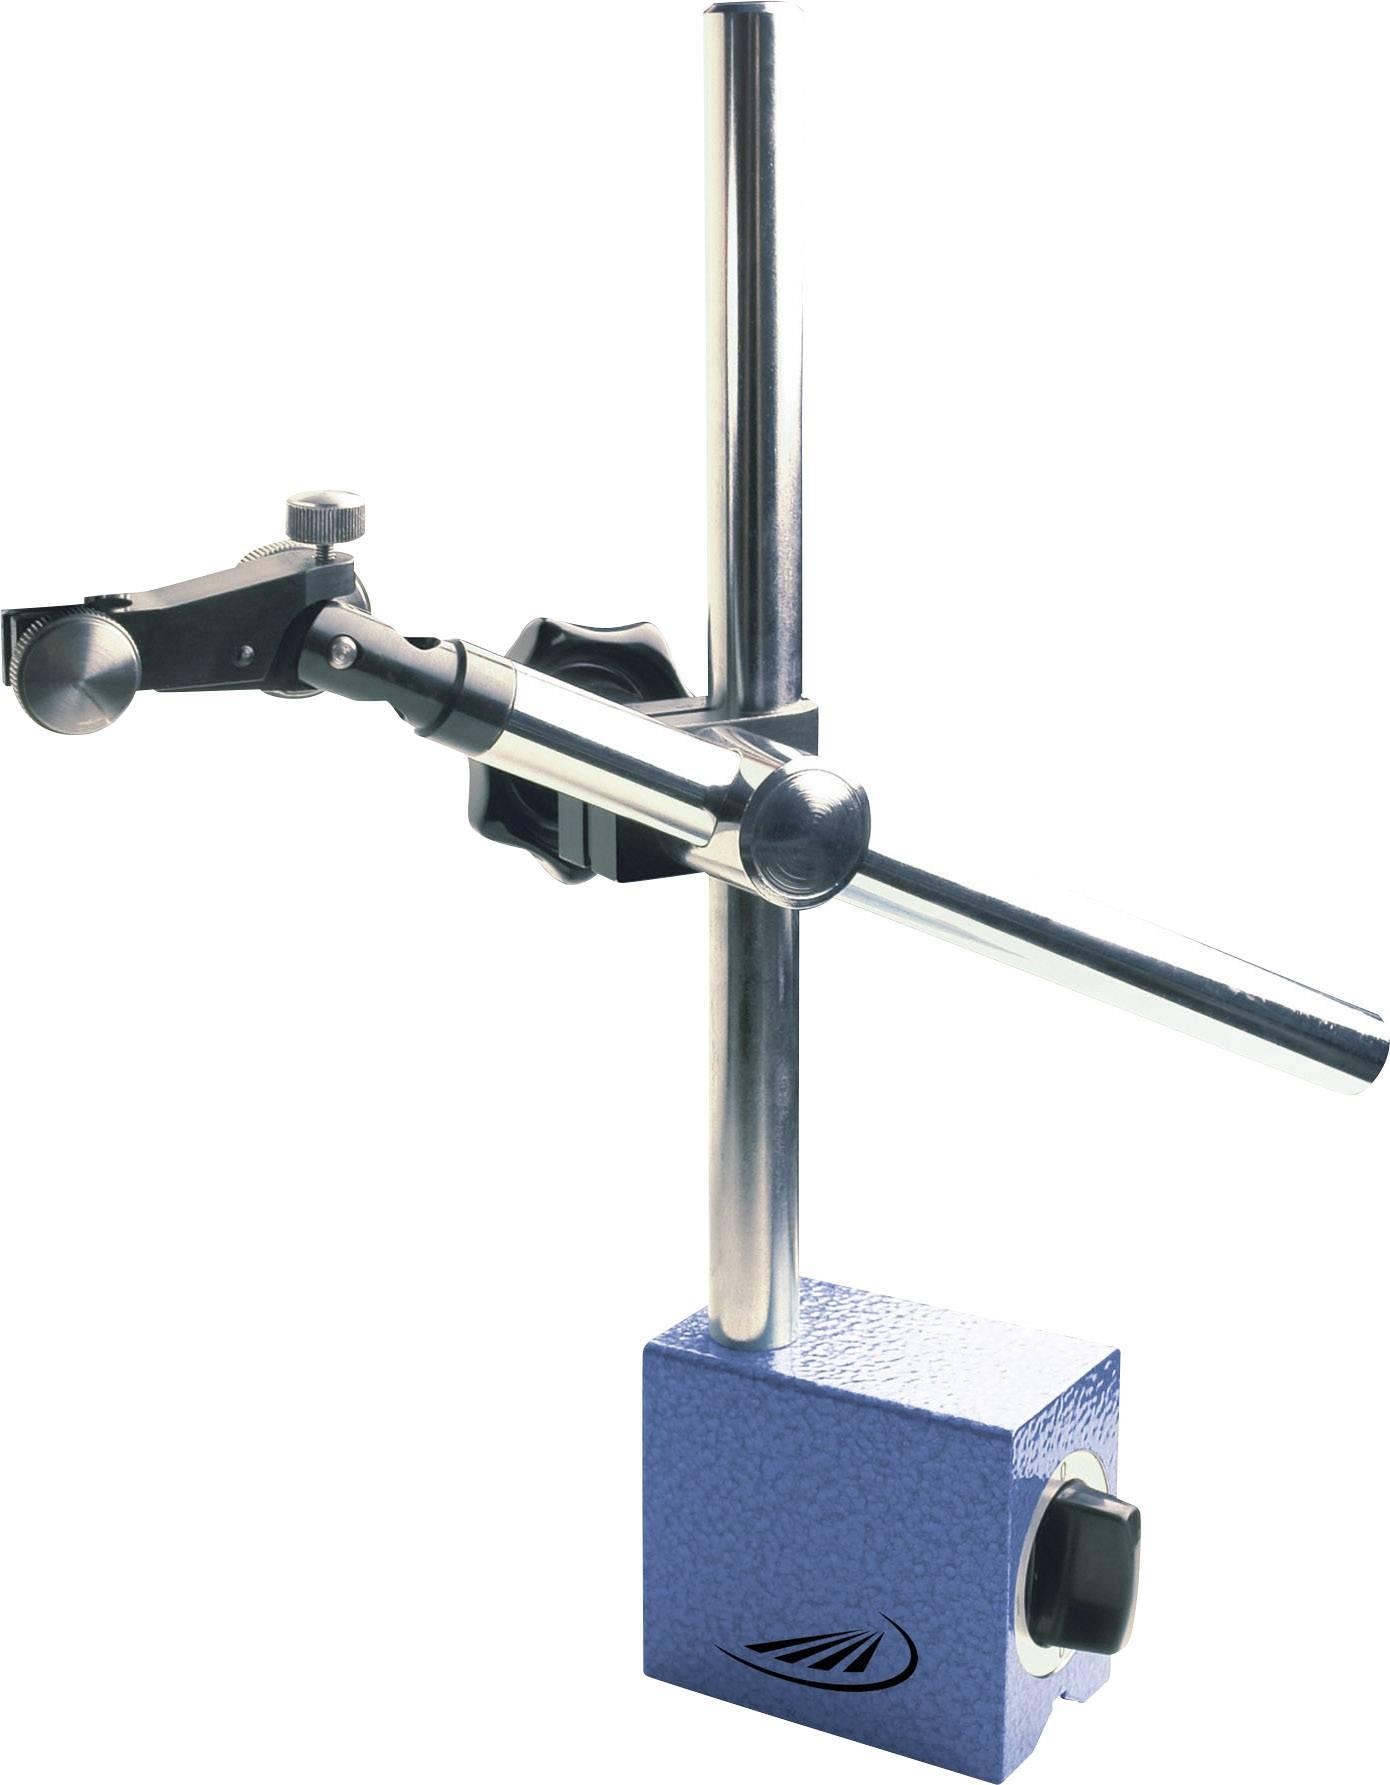 Univerzálny merací statív Helios Preisser 0750101